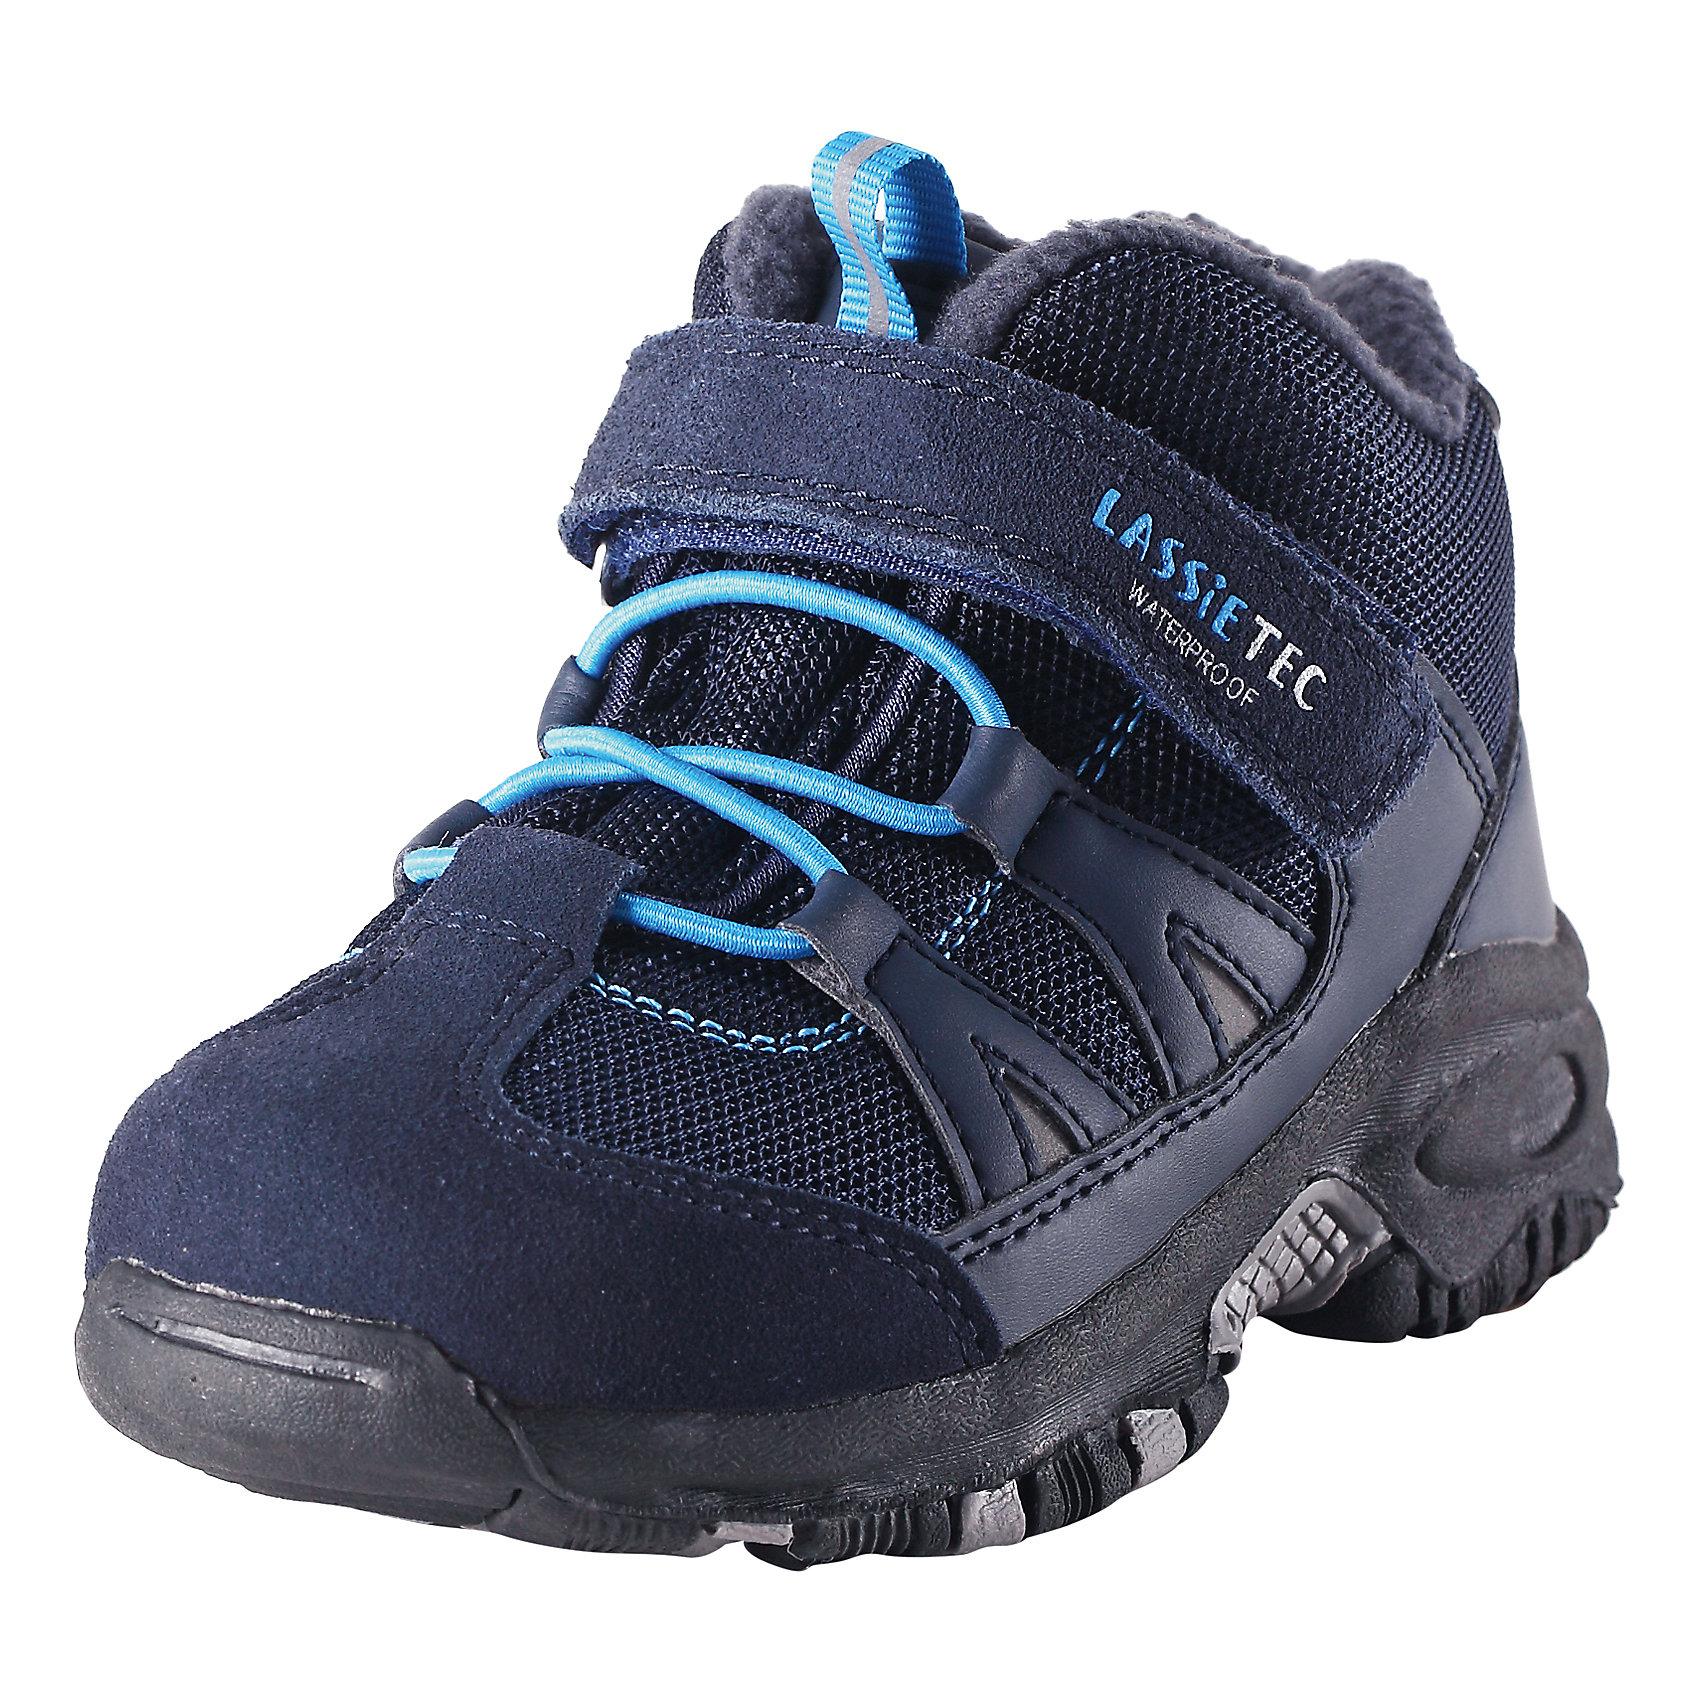 Ботинки для мальчика LASSIE by ReimaБотинки для детей Lassietec®. <br><br>- Водонепроницаемая зимняя обувь. <br>- Верх из натуральной замши (из телячьей кожи), синтетического материала и текстиля. <br>- Подошва из термопластичного каучука обеспечивает хорошее сцепление с поверхностью. <br>- Текстильная подкладка. <br>- Съемные стельки. <br>- Простая застежка на липучке с эластичными шнурками для регулировки размера. <br>- Светоотражающие детали.<br><br>Храните обувь в вертикальном положении при комнатной температуре. Сушить обувь всегда следует при комнатной температуре: вынув съемные стельки. Стельки следует время от времени заменять на новые. Налипшую грязь можно счищать щеткой или влажной тряпкой. Перед использованием обувь рекомендуется обрабатывать специальными защитными средствами.<br><br>Состав: Подошва: Термопластиковая резина, Верх: 70% ПЭ 20% ПУ 10% Кожа.<br><br>Ширина мм: 262<br>Глубина мм: 176<br>Высота мм: 97<br>Вес г: 427<br>Цвет: синий<br>Возраст от месяцев: 24<br>Возраст до месяцев: 24<br>Пол: Мужской<br>Возраст: Детский<br>Размер: 25,22,35,34,33,32,31,30,29,28,27,26,24,23<br>SKU: 4780887